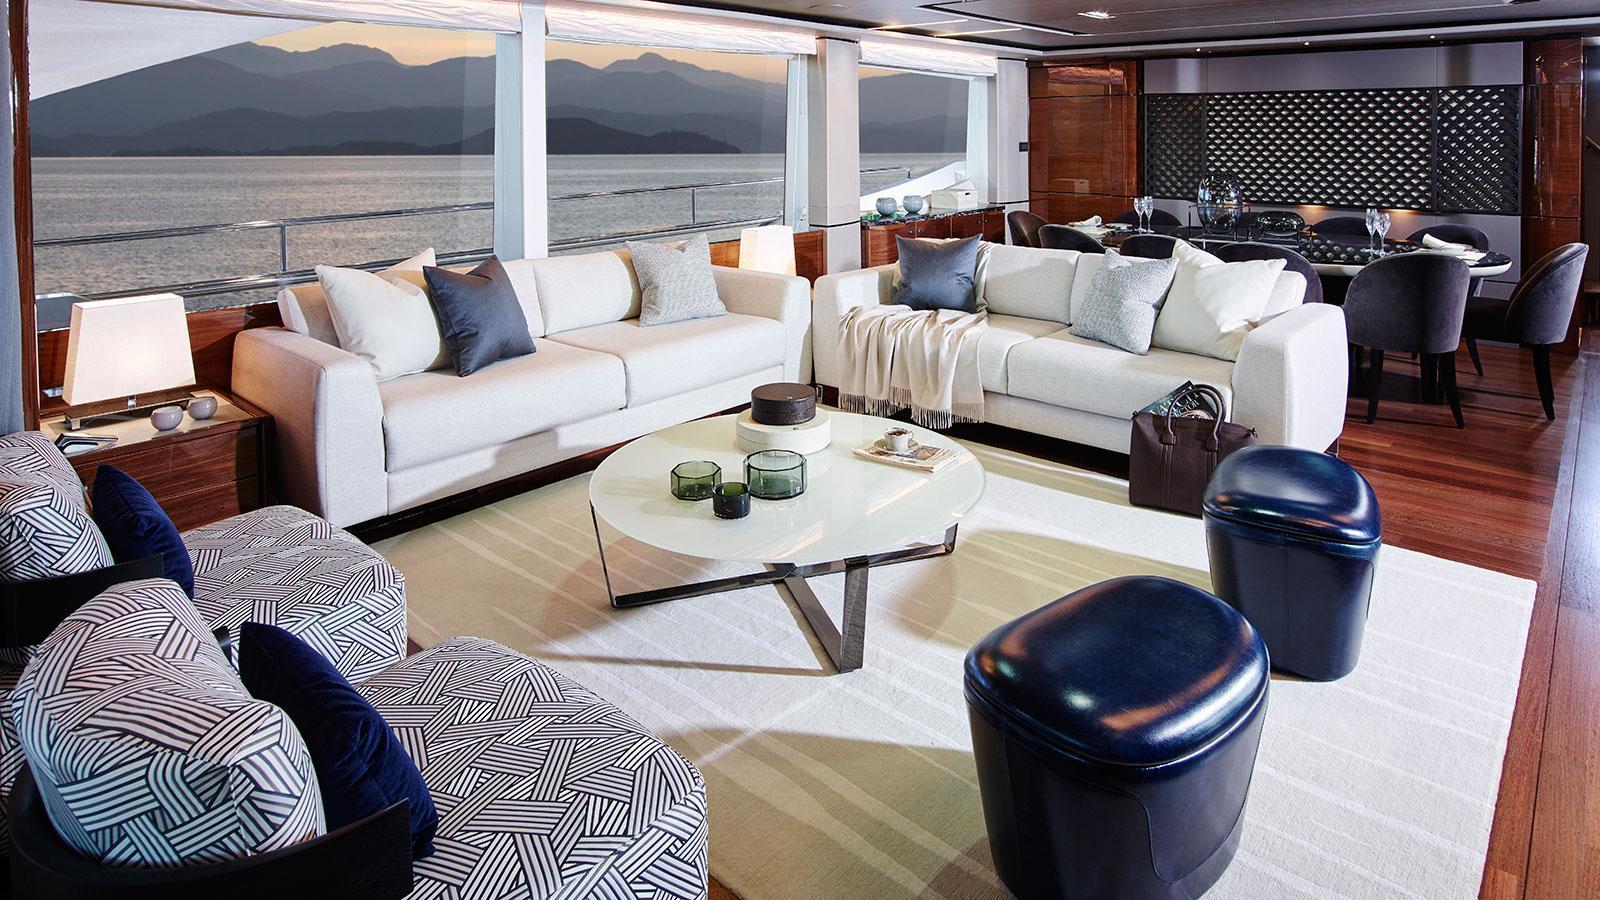 Princess 30M motoryacht Princess 30m 2019 saloon sistership